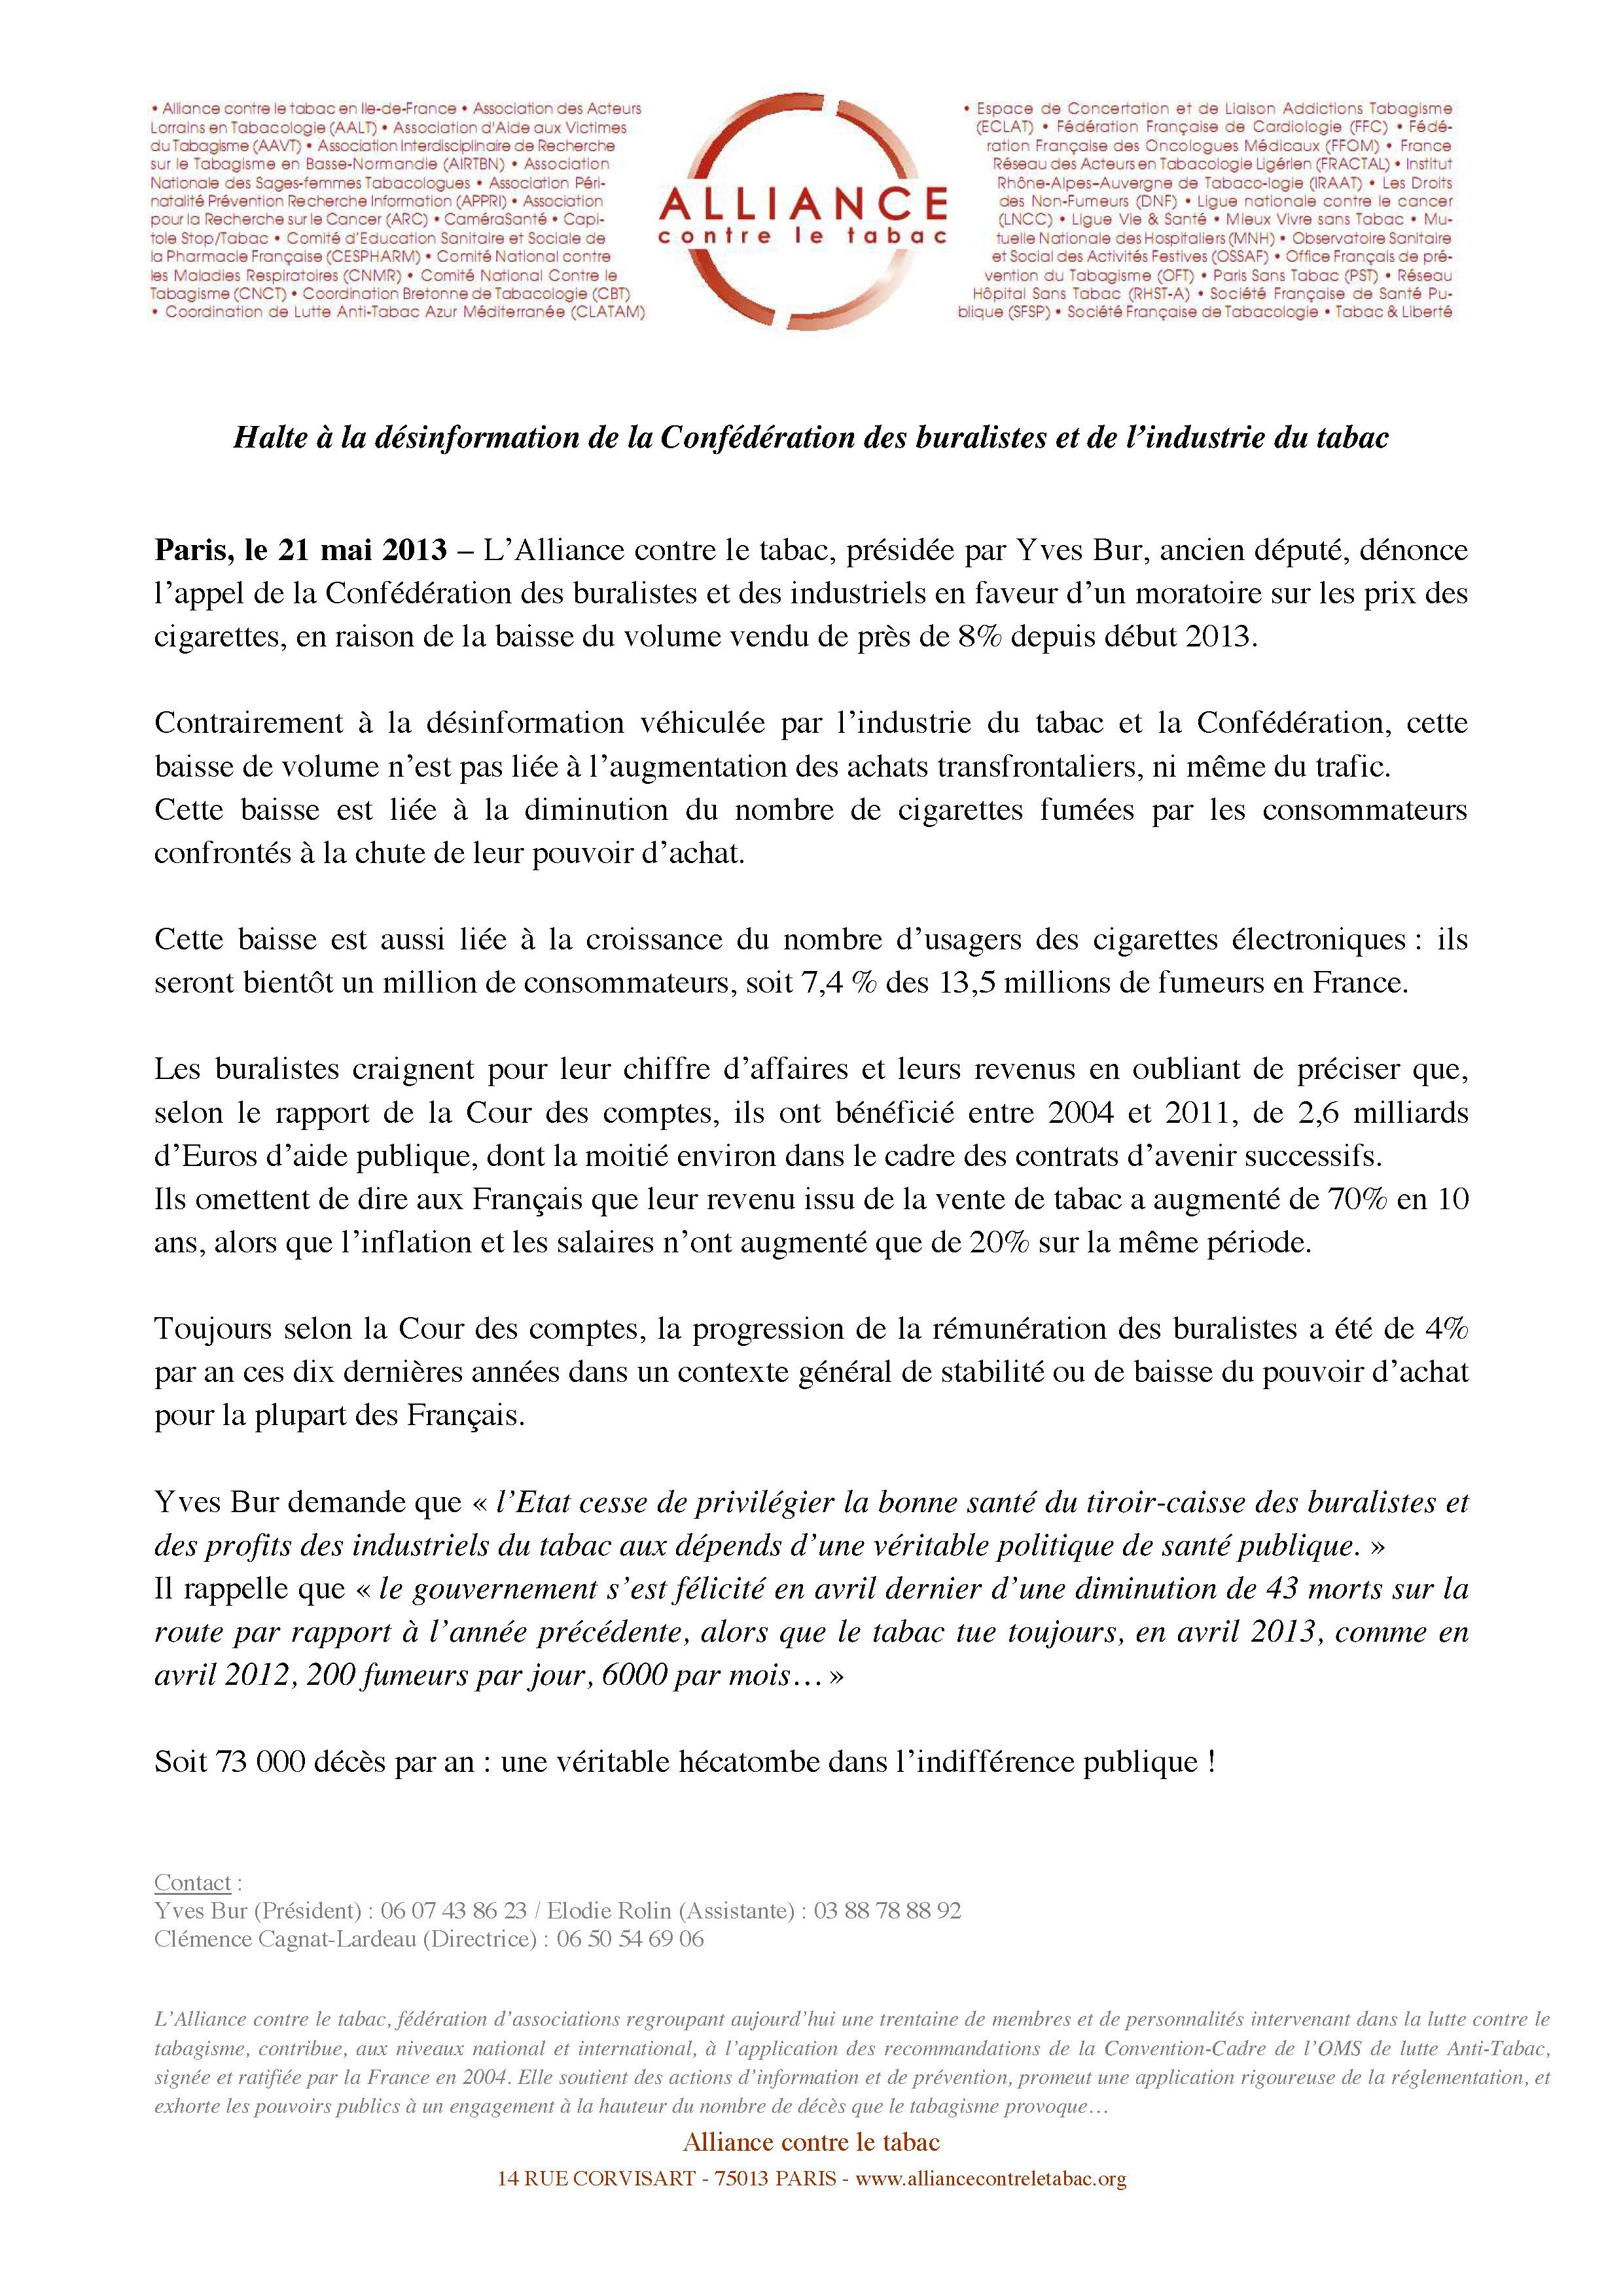 Alliance-CP_halte-a-la-desinformation-de-la-confederation-des-buralistes-et-de-l-industrie-du-tabac-21mai2013.jpg